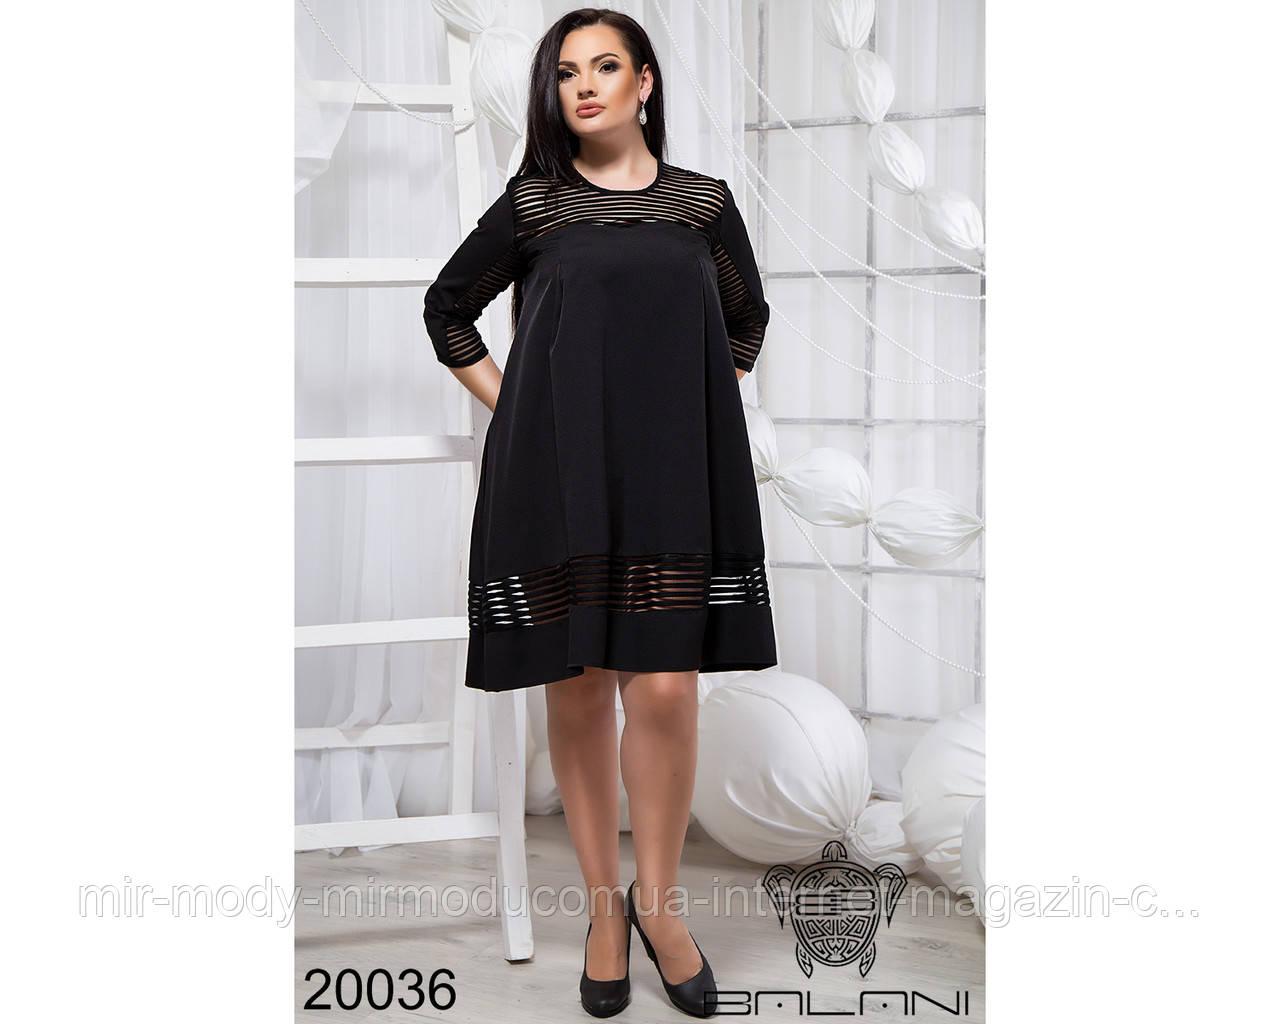 Стильное короткое платье - 20036 с 48 по 56 размер бн